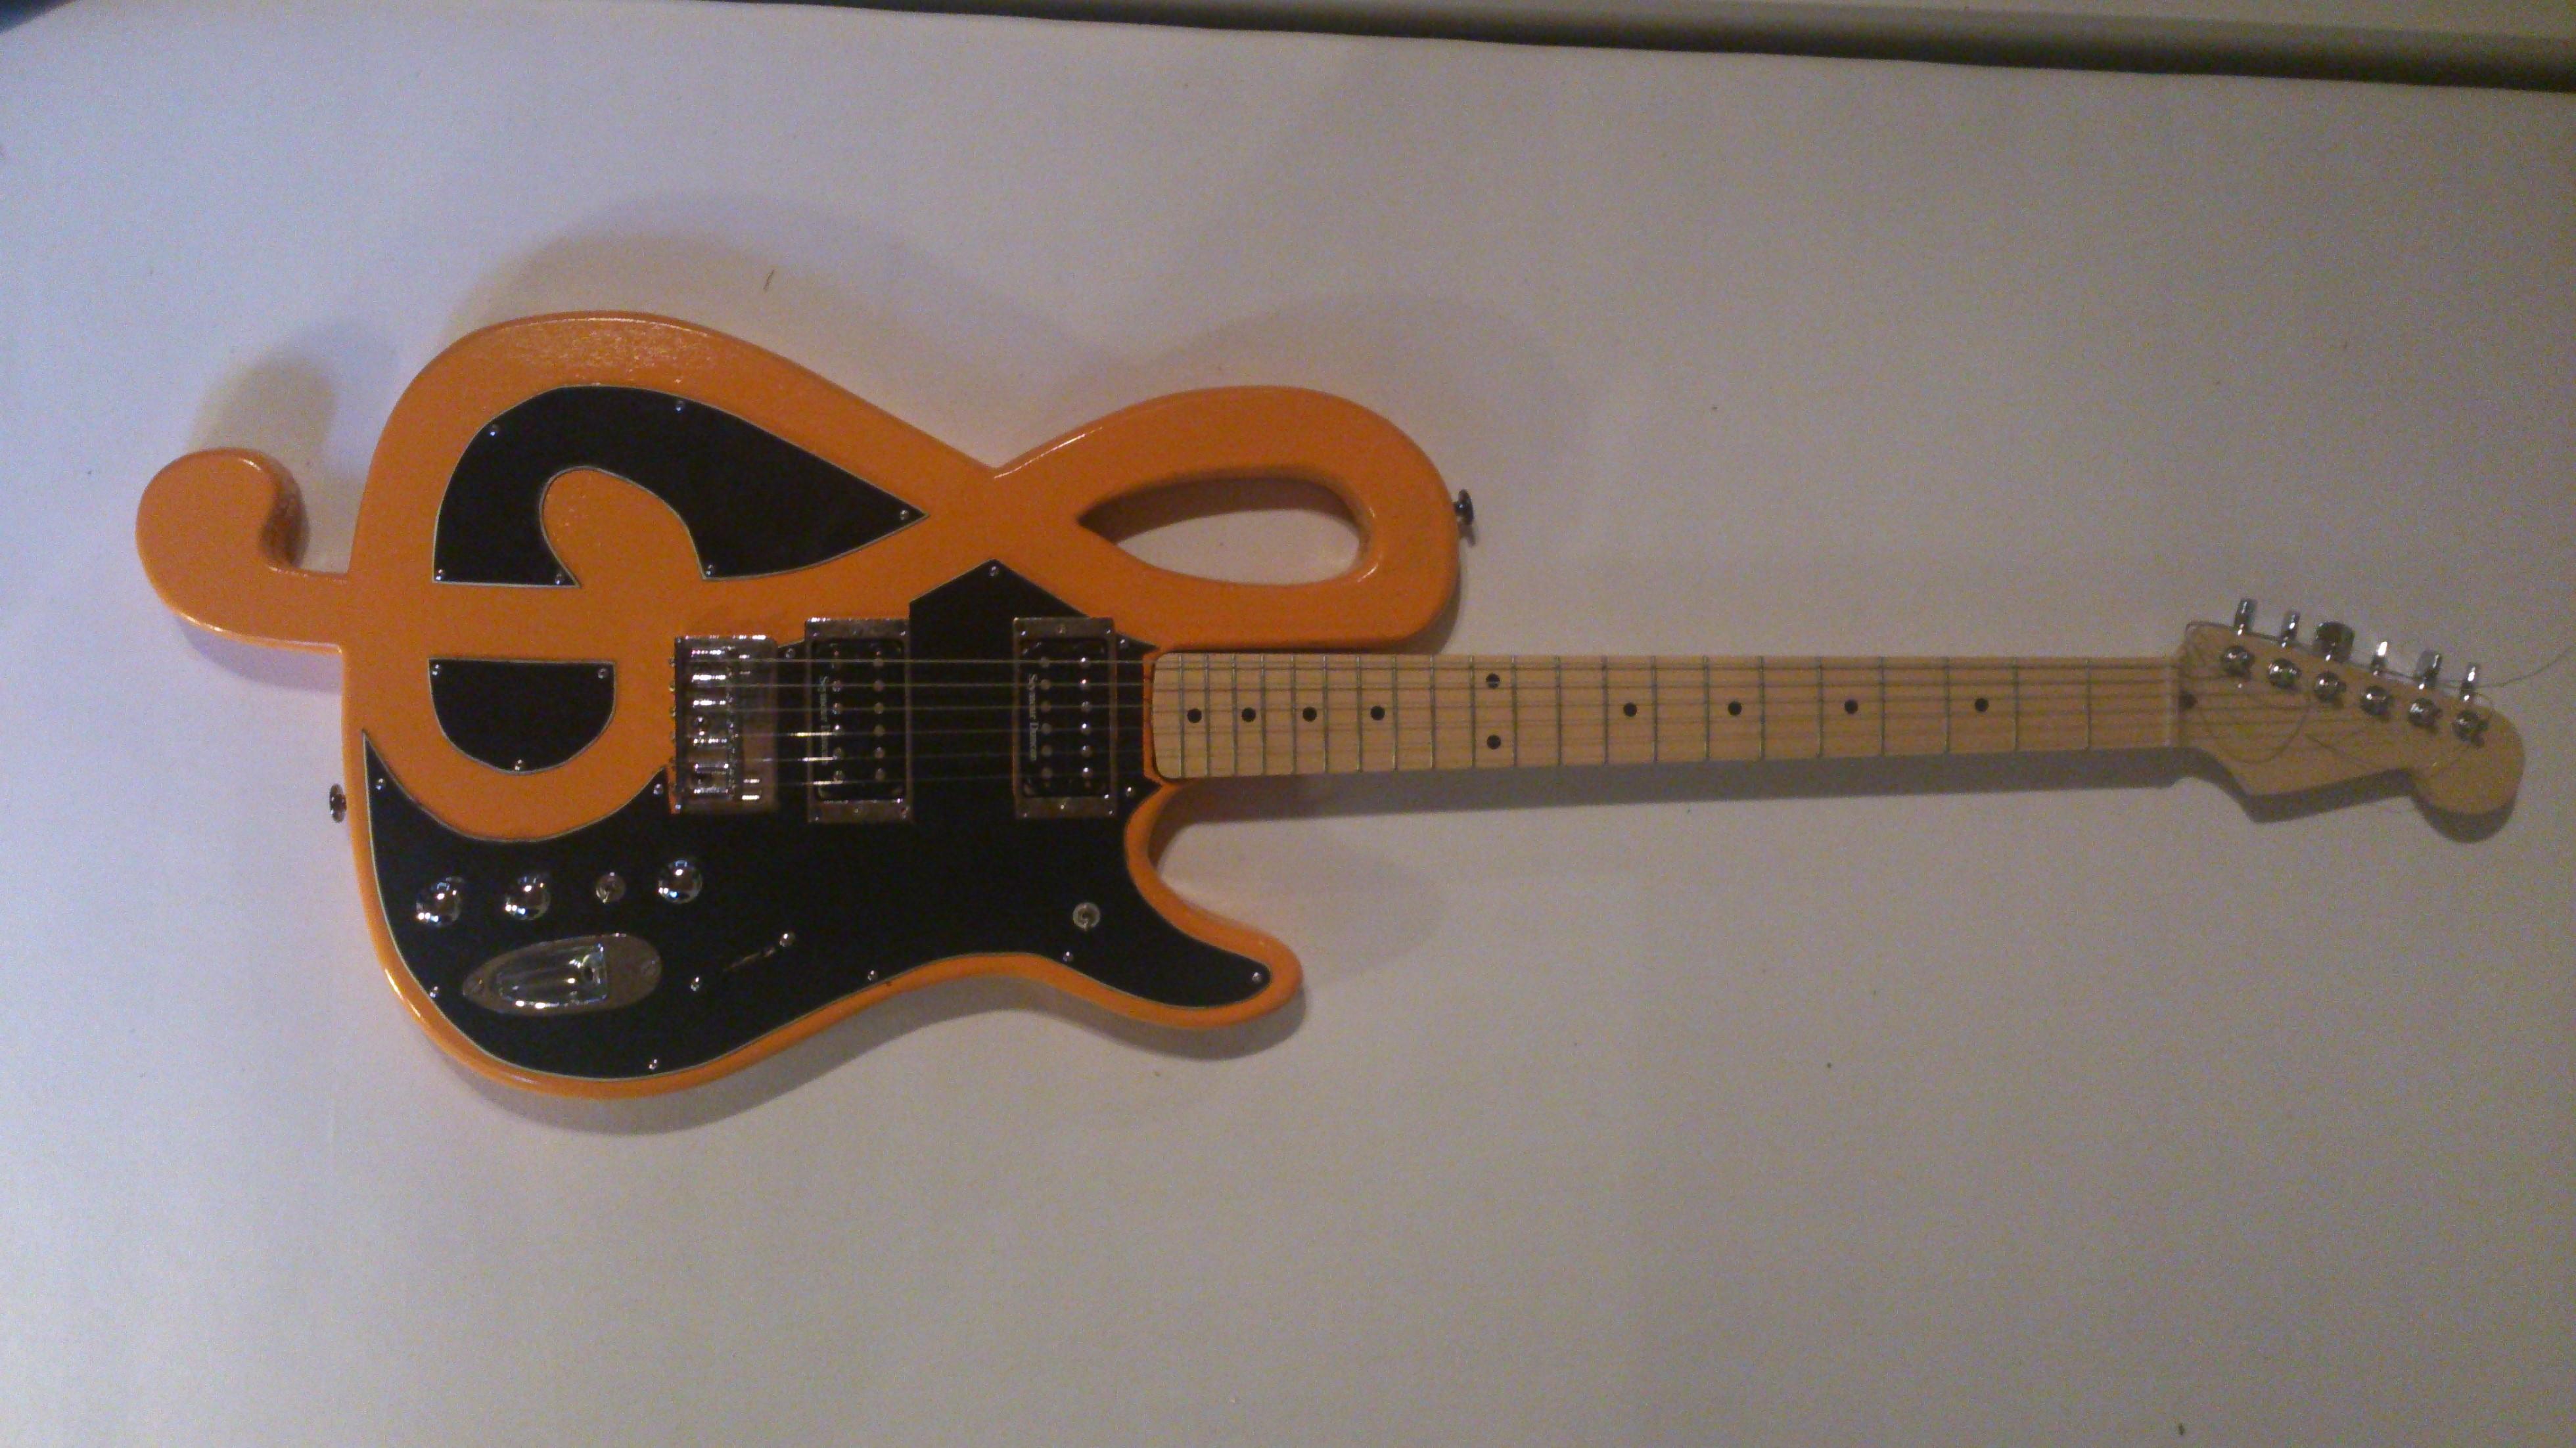 Eigene Gitarre vermarkten? (verkaufen, Design, selber machen)